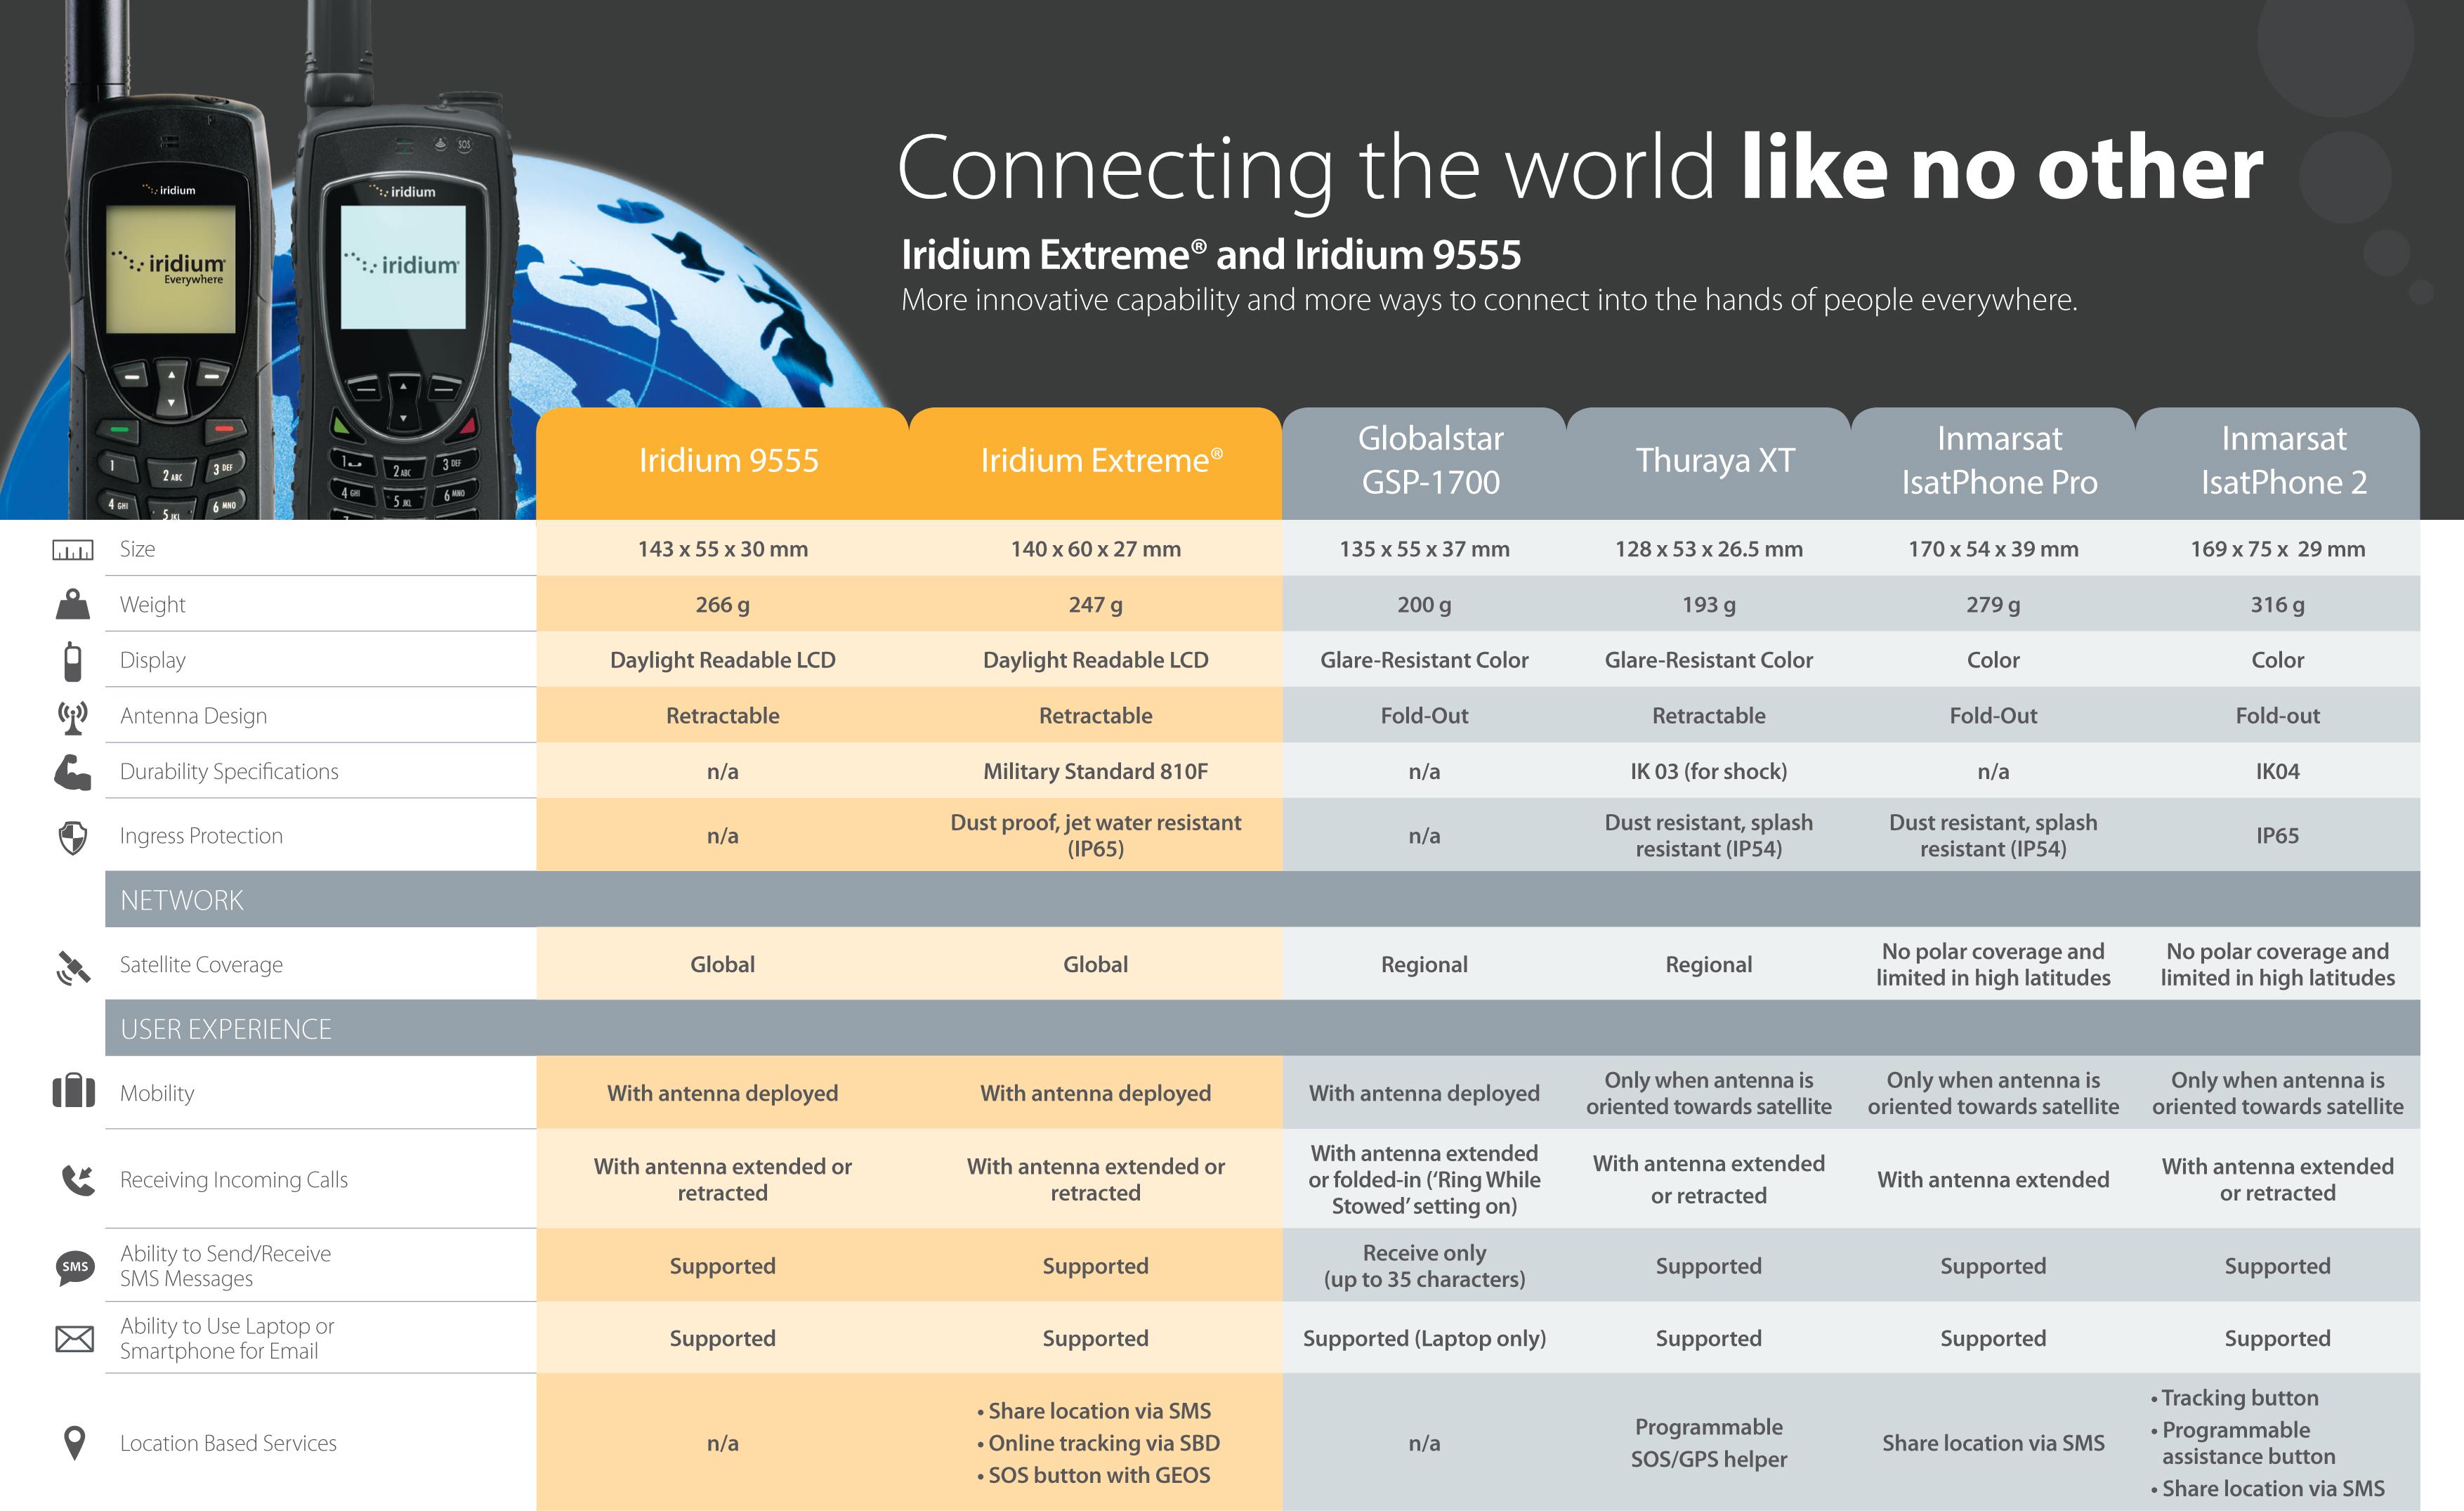 iridium-satellite-phone-comparison-chart.jpg